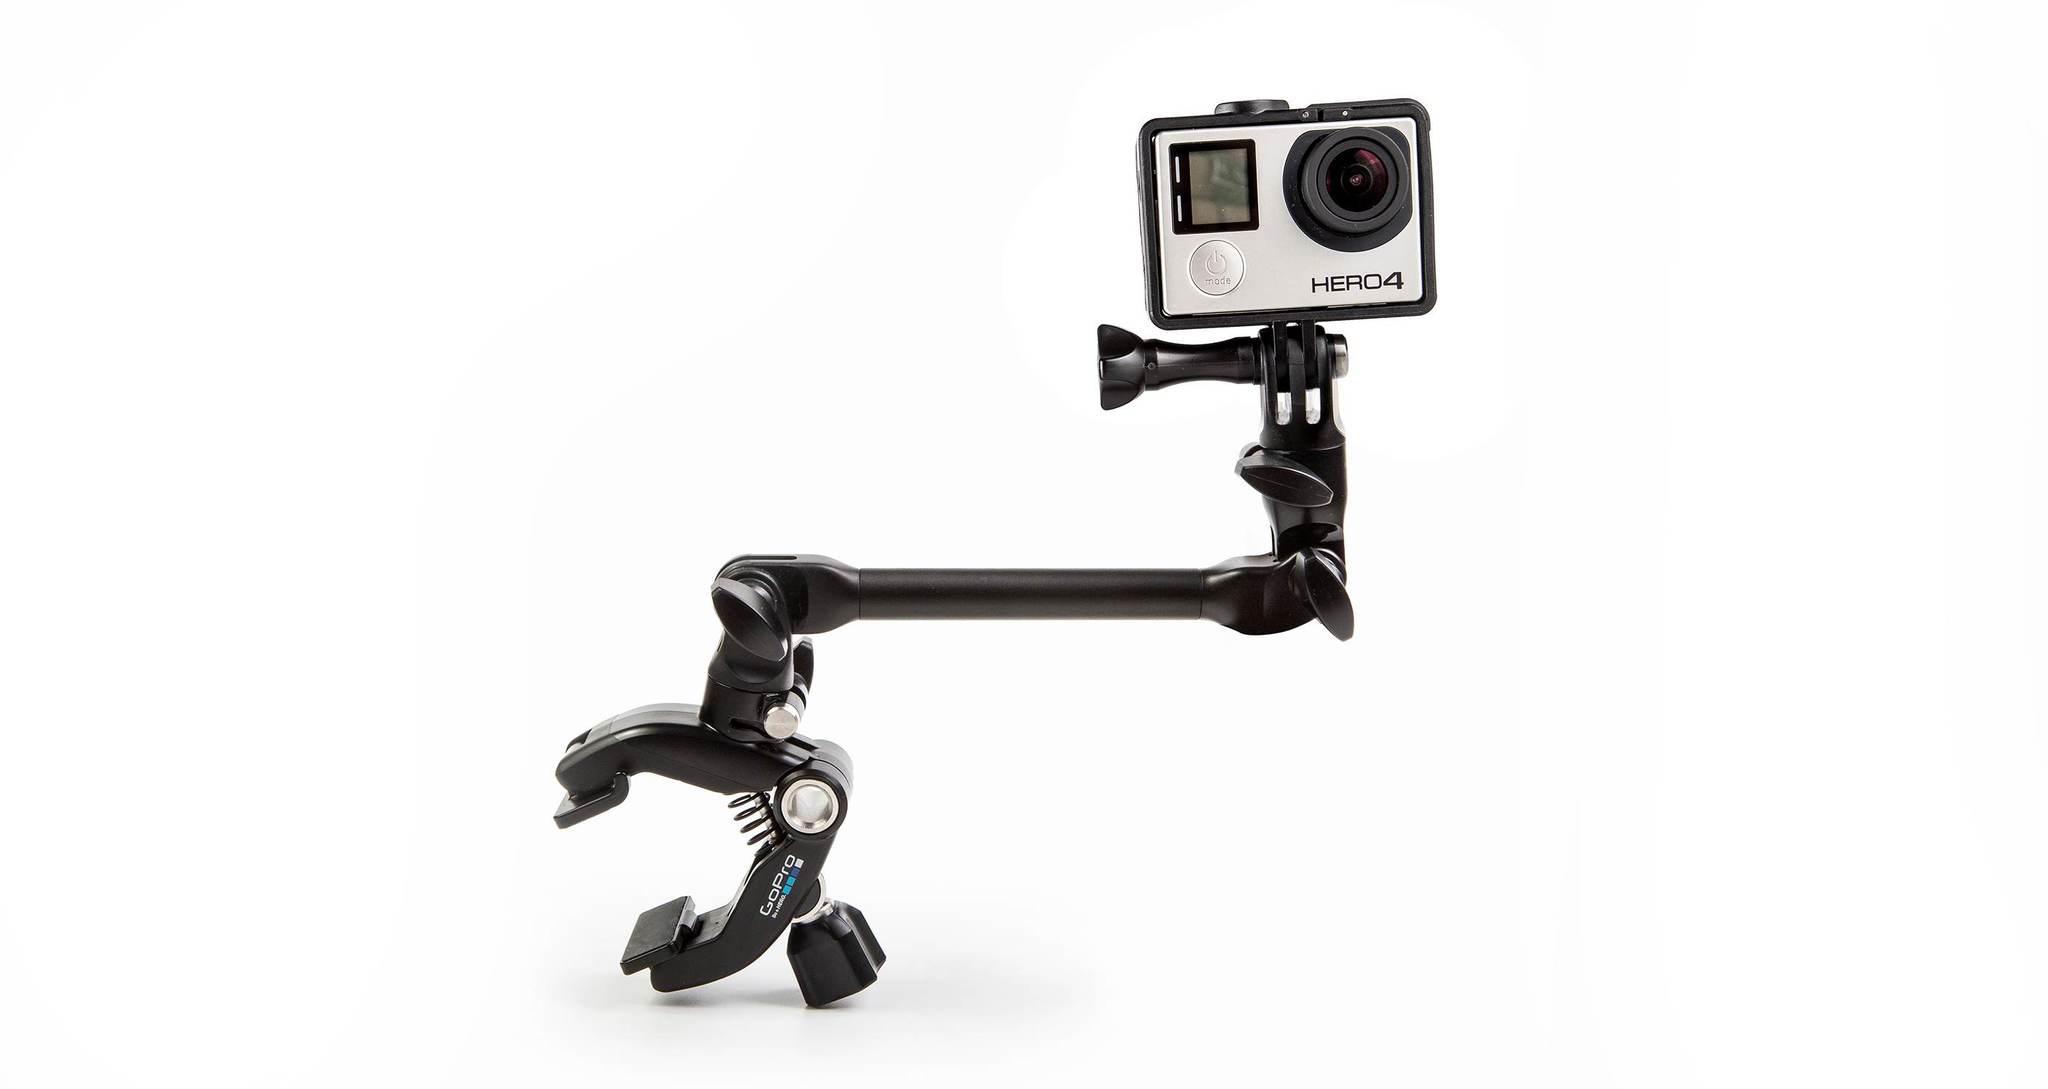 Крепление для музыкальных инструментов GoPro AMCLP-001 The Jam-Adjustable Music с камерой